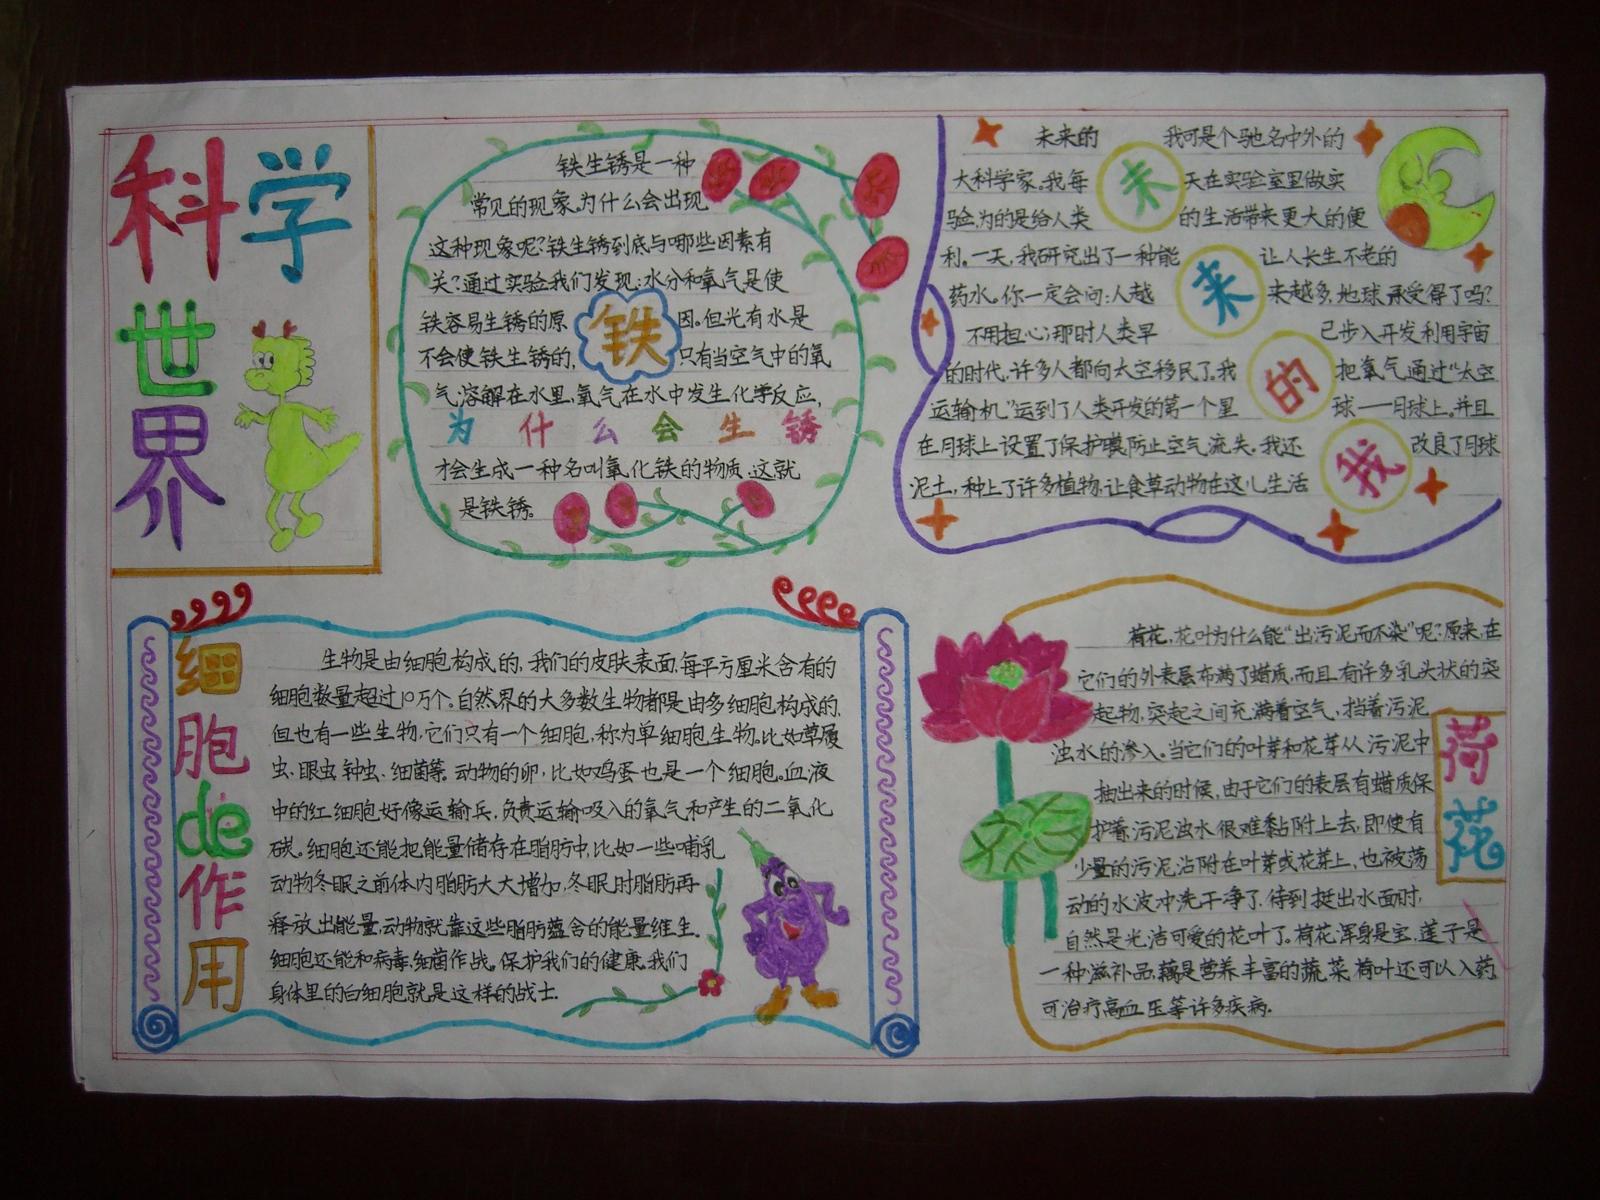 手抄报:科学世界_初一课外阅读_沪江中学   小学生语文手抄高清图片